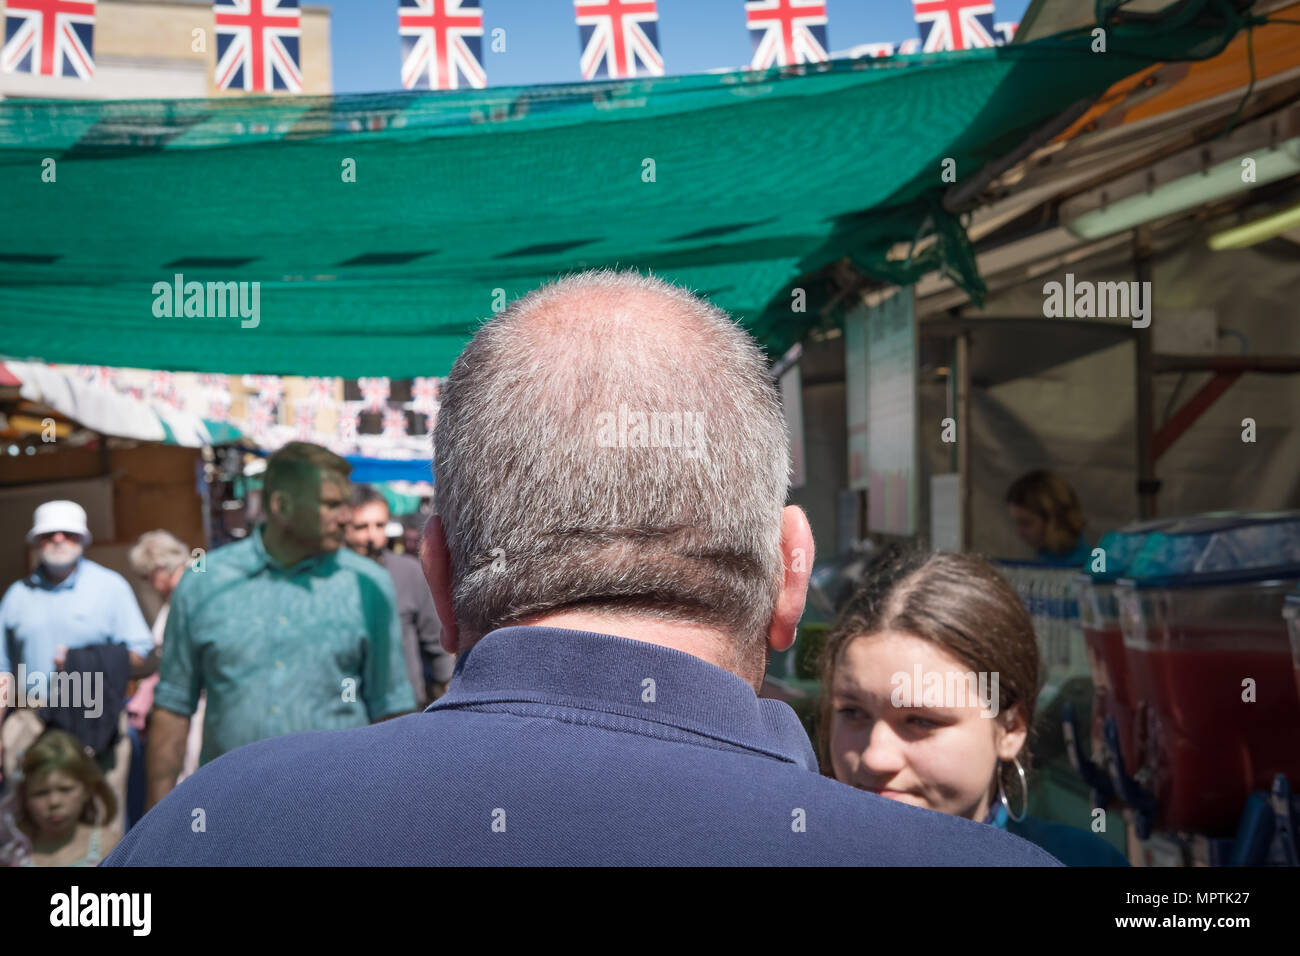 Close-up e poco profonda la messa a fuoco di un maschio adulto vedere a piedi di distanza dalla fotocamera. Egli si trova in un mercato aperto, durante le celebrazioni britannico. Immagini Stock